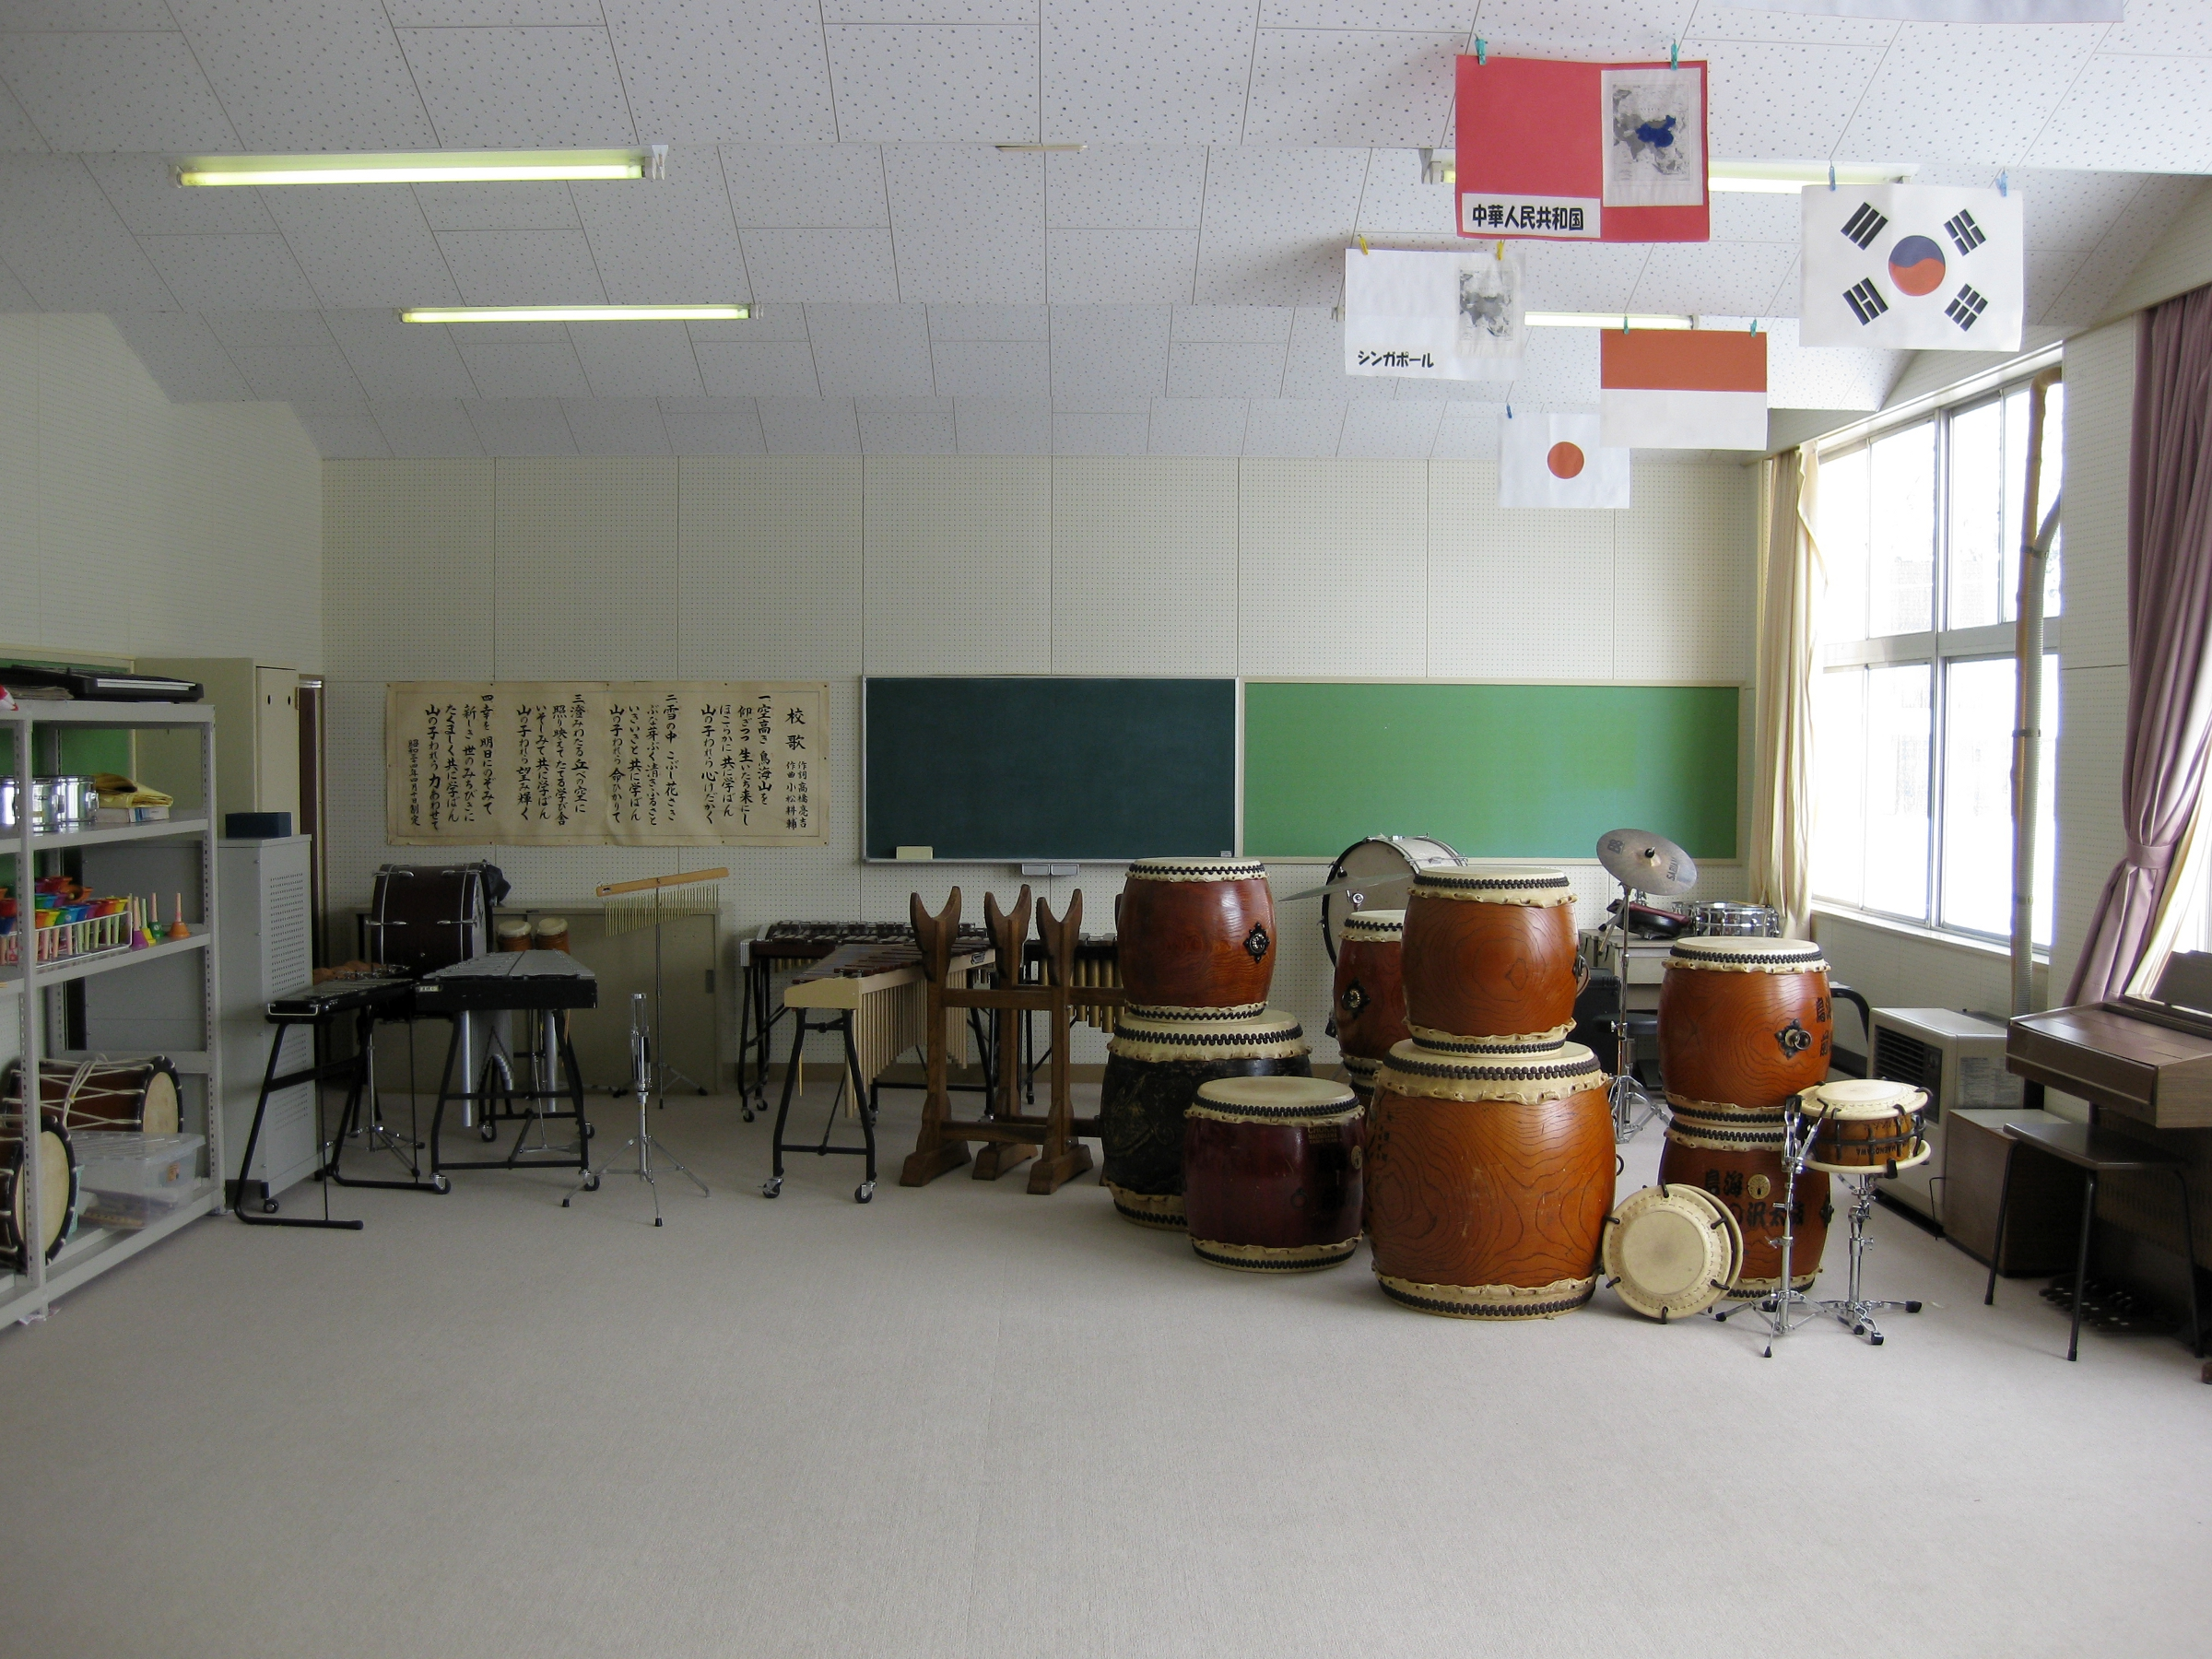 پروژه مدرسه رقص و موسیقی